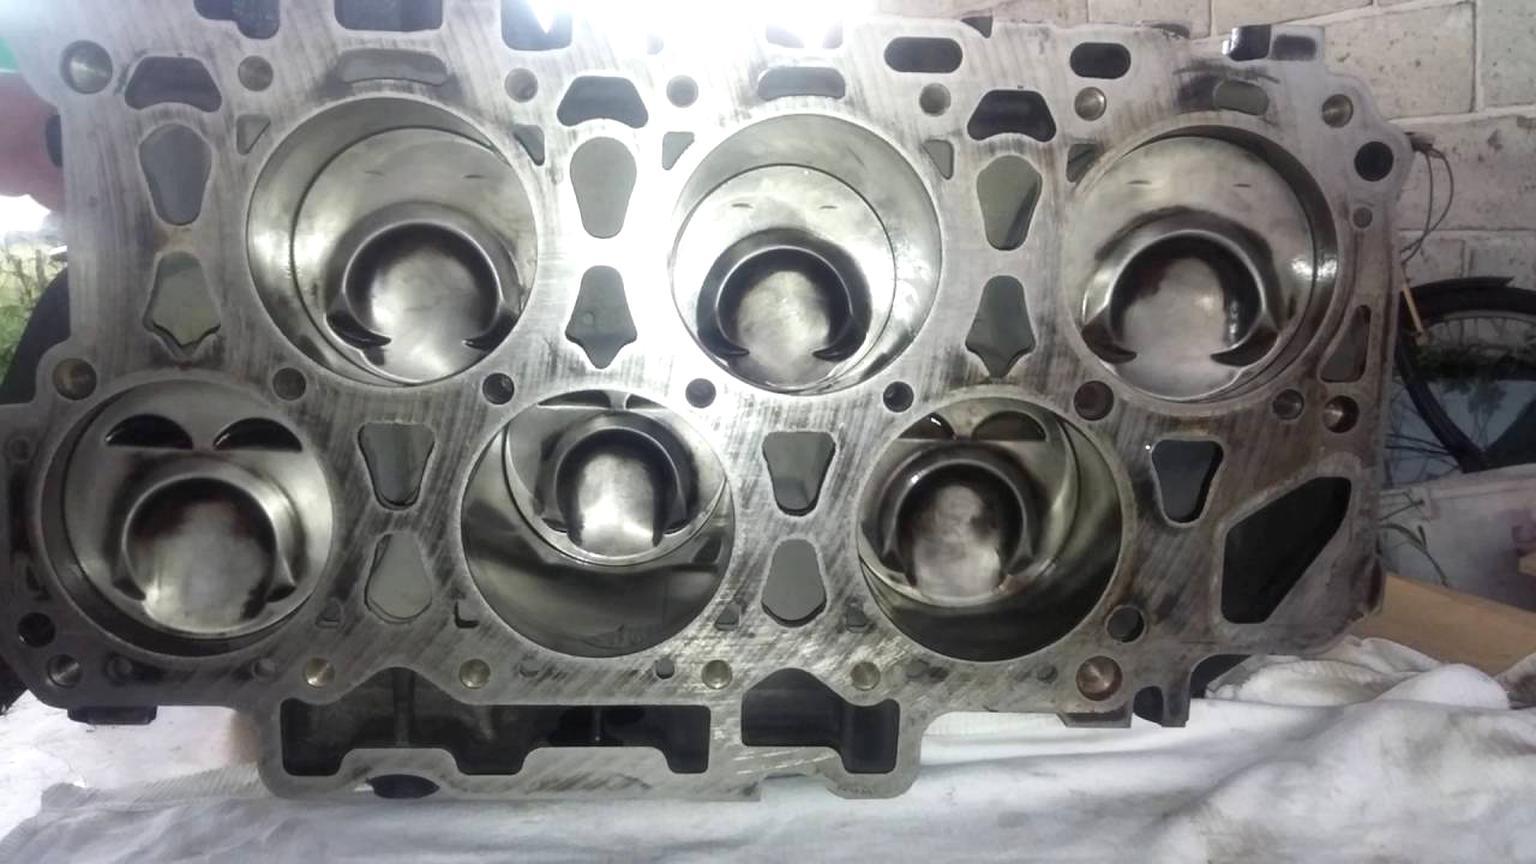 r36 motor gebraucht kaufen